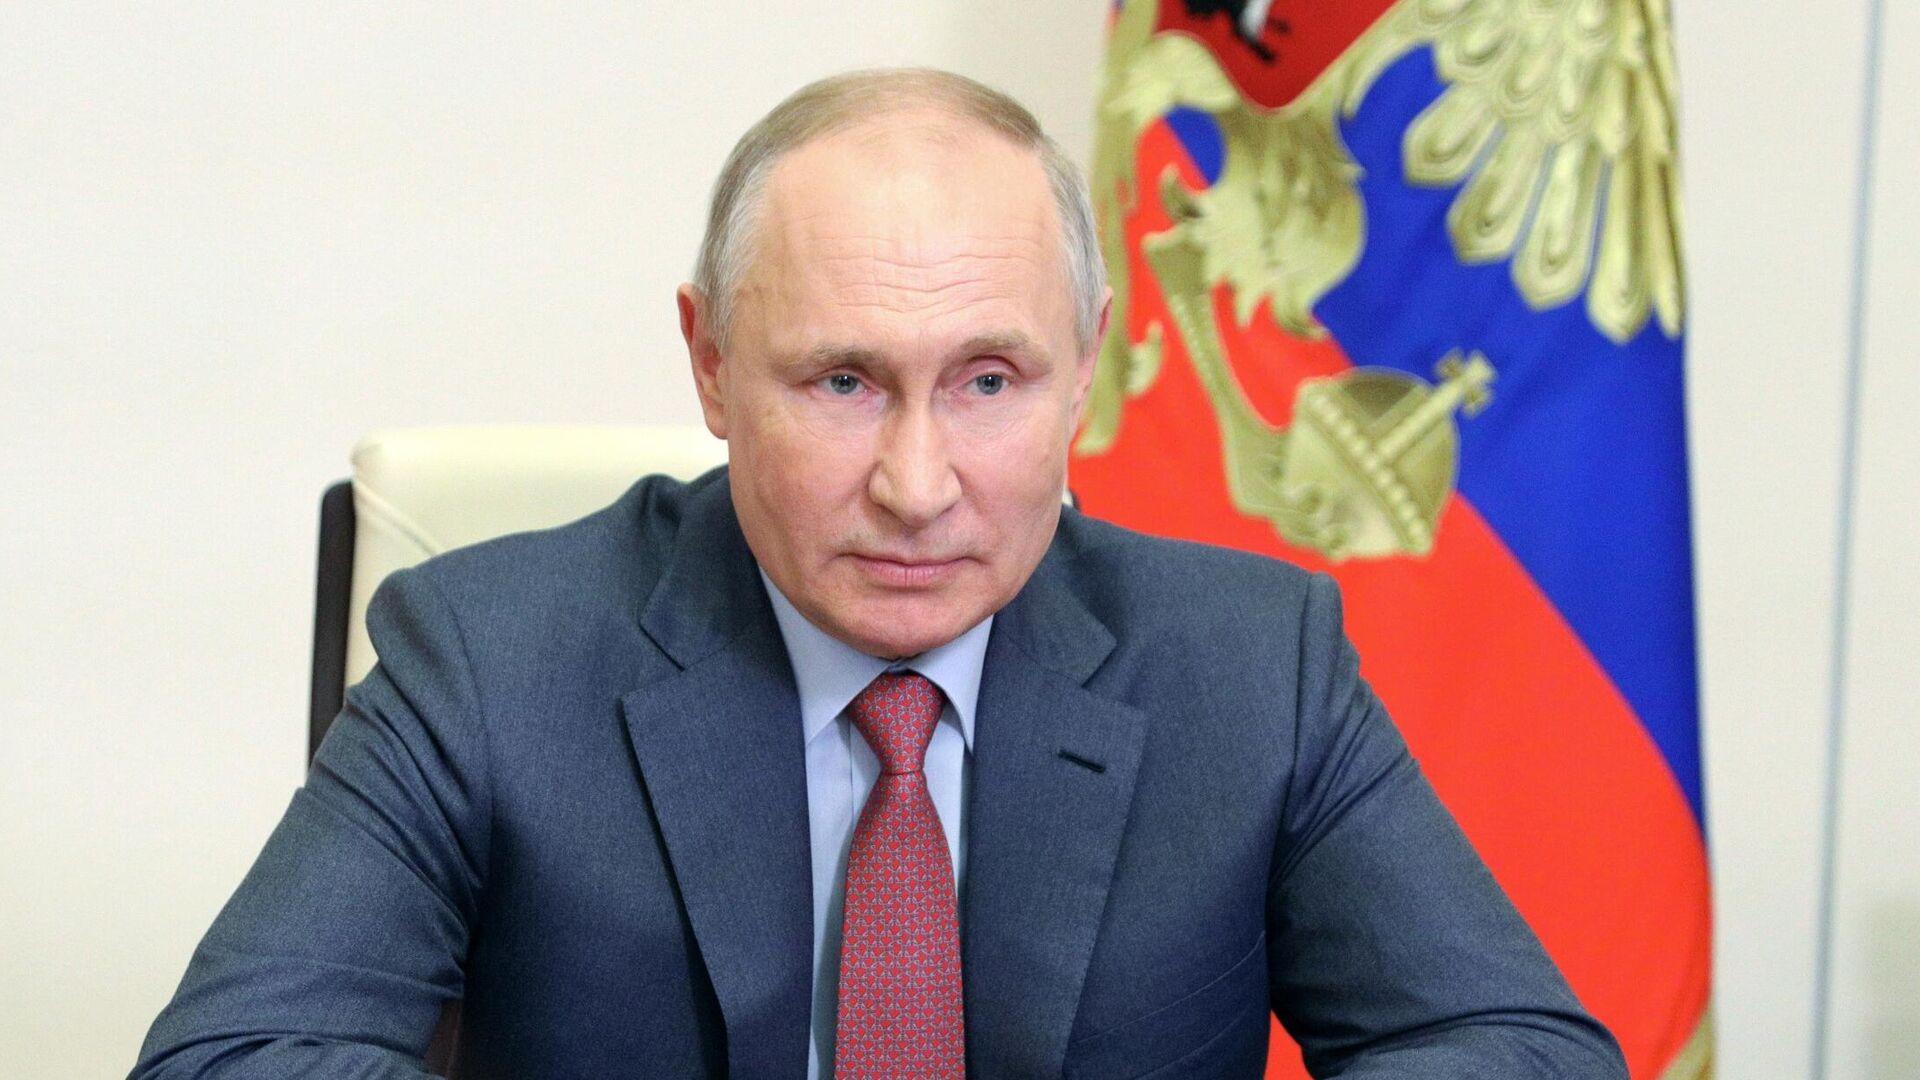 Президент РФ Владимир Путин проводит оперативное совещание с постоянными членами Совета безопасности - РИА Новости, 1920, 18.05.2021